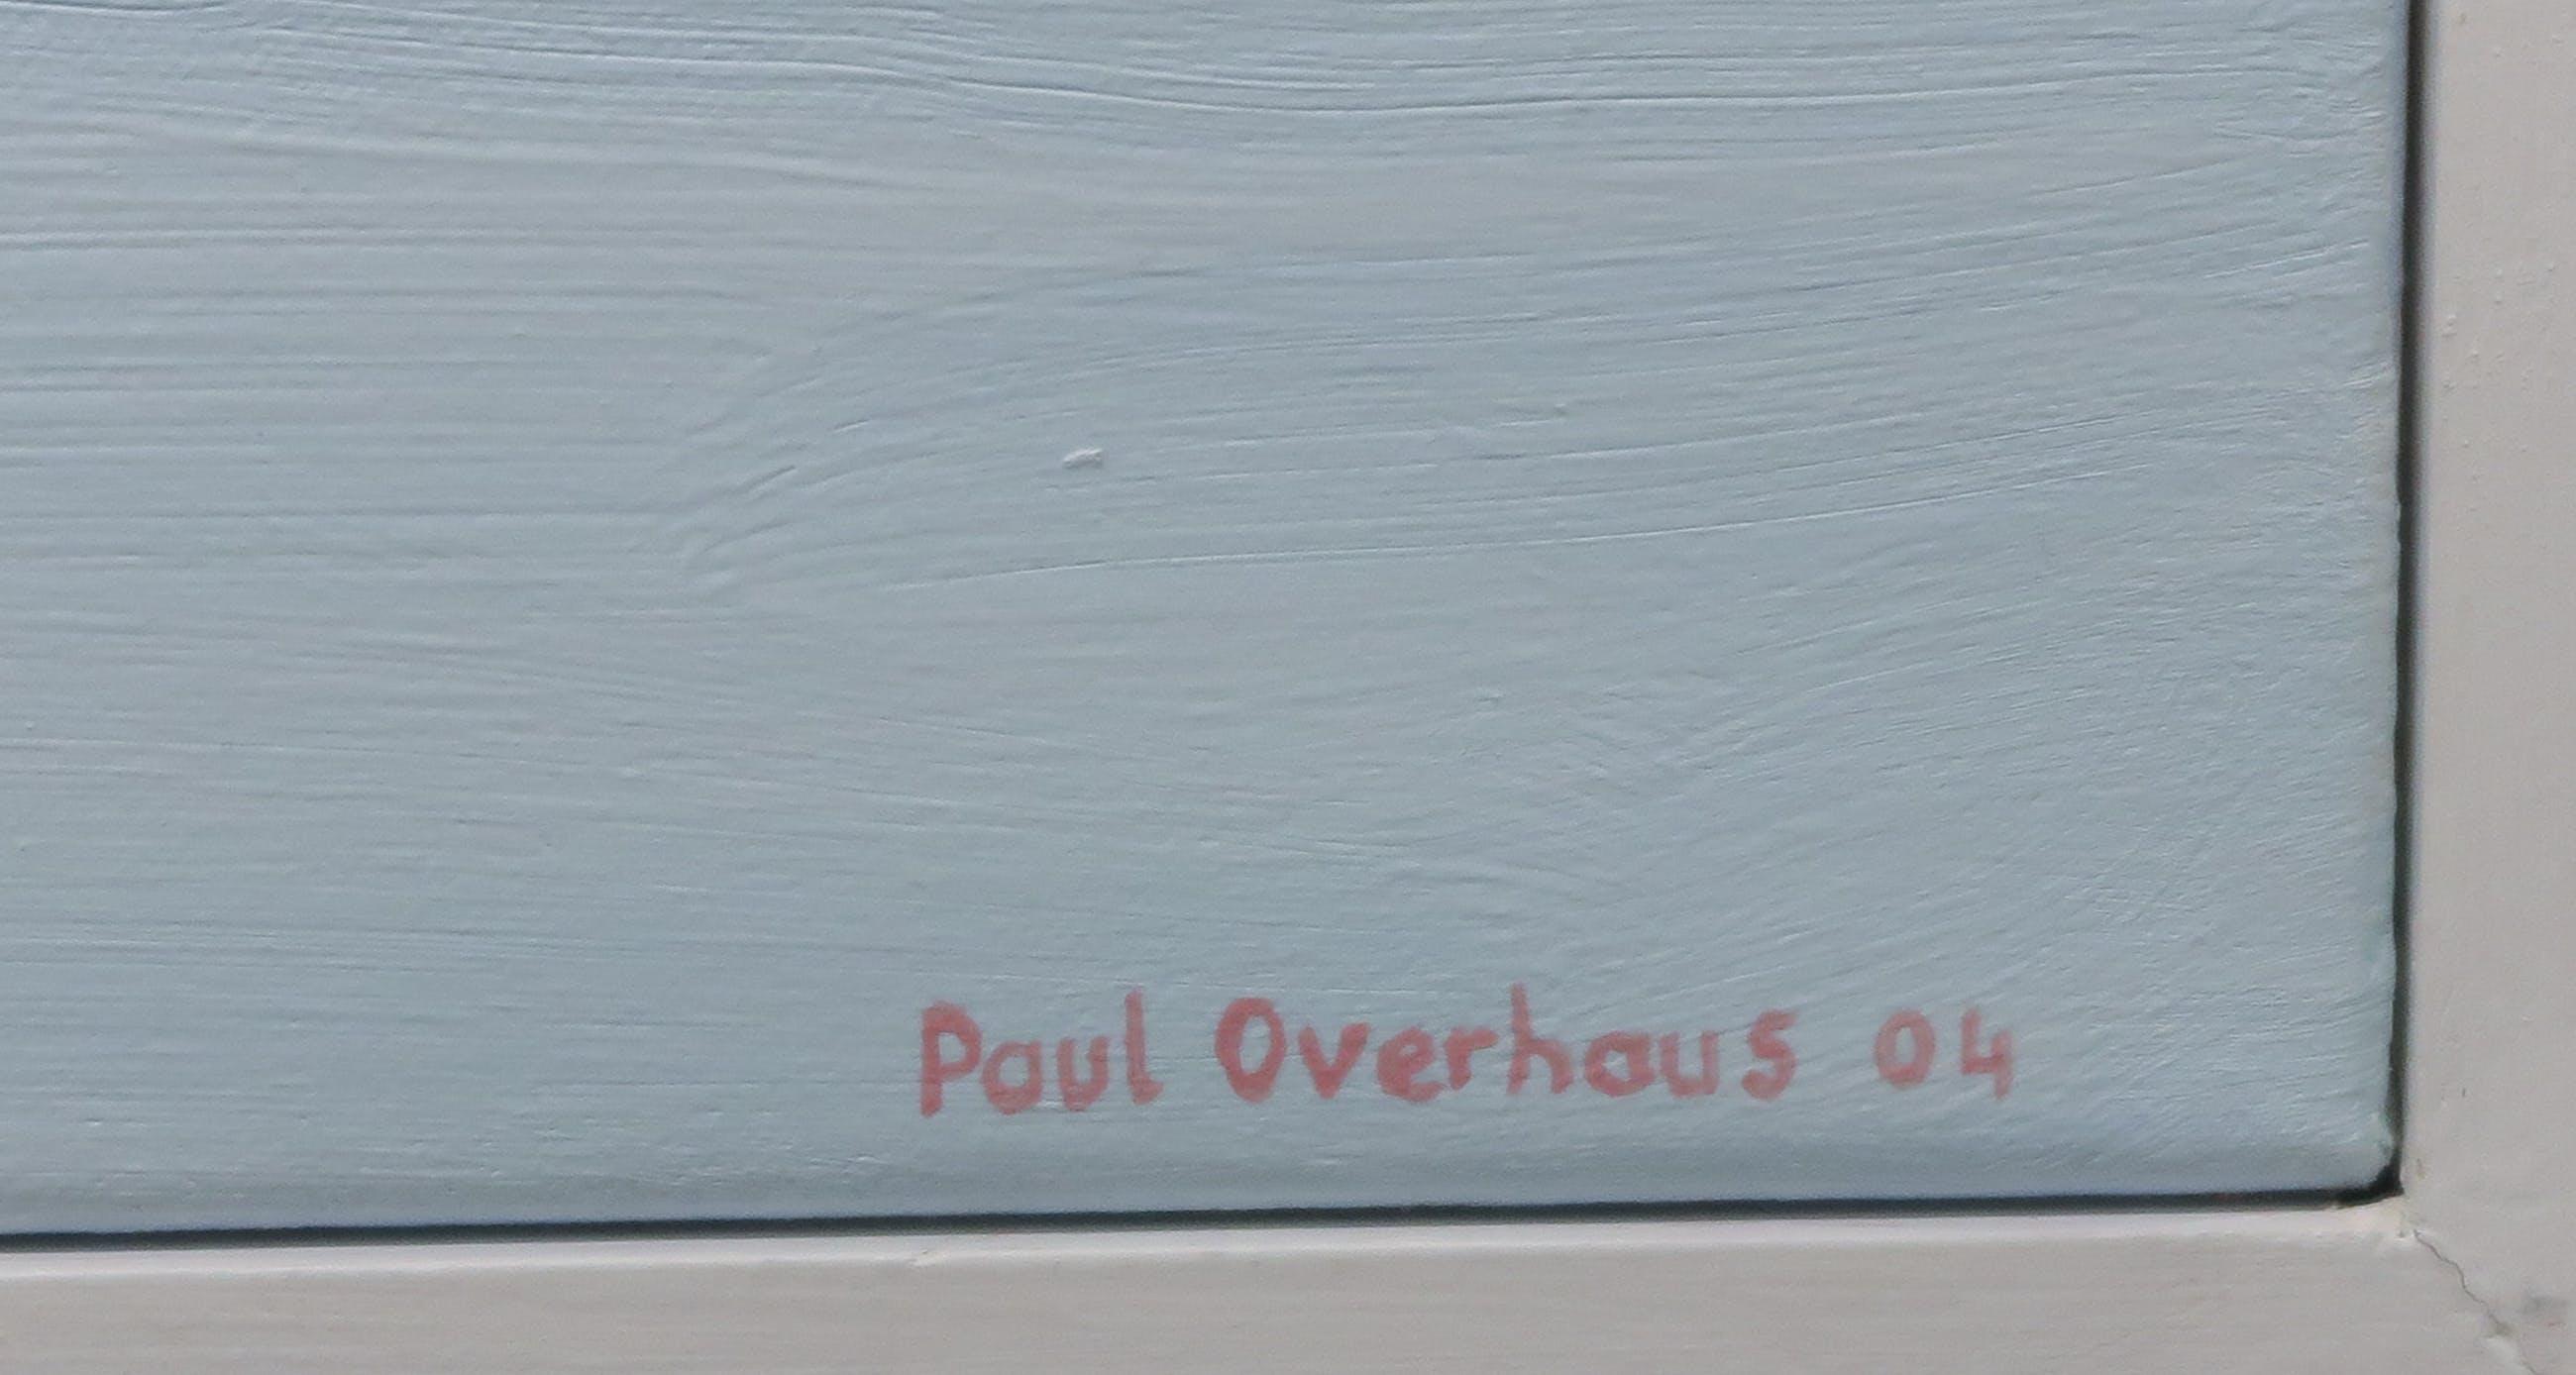 Paul Overhaus - Olieverf op doek, Aan de kust - Ingelijst (Zeer Groot) kopen? Bied vanaf 1!